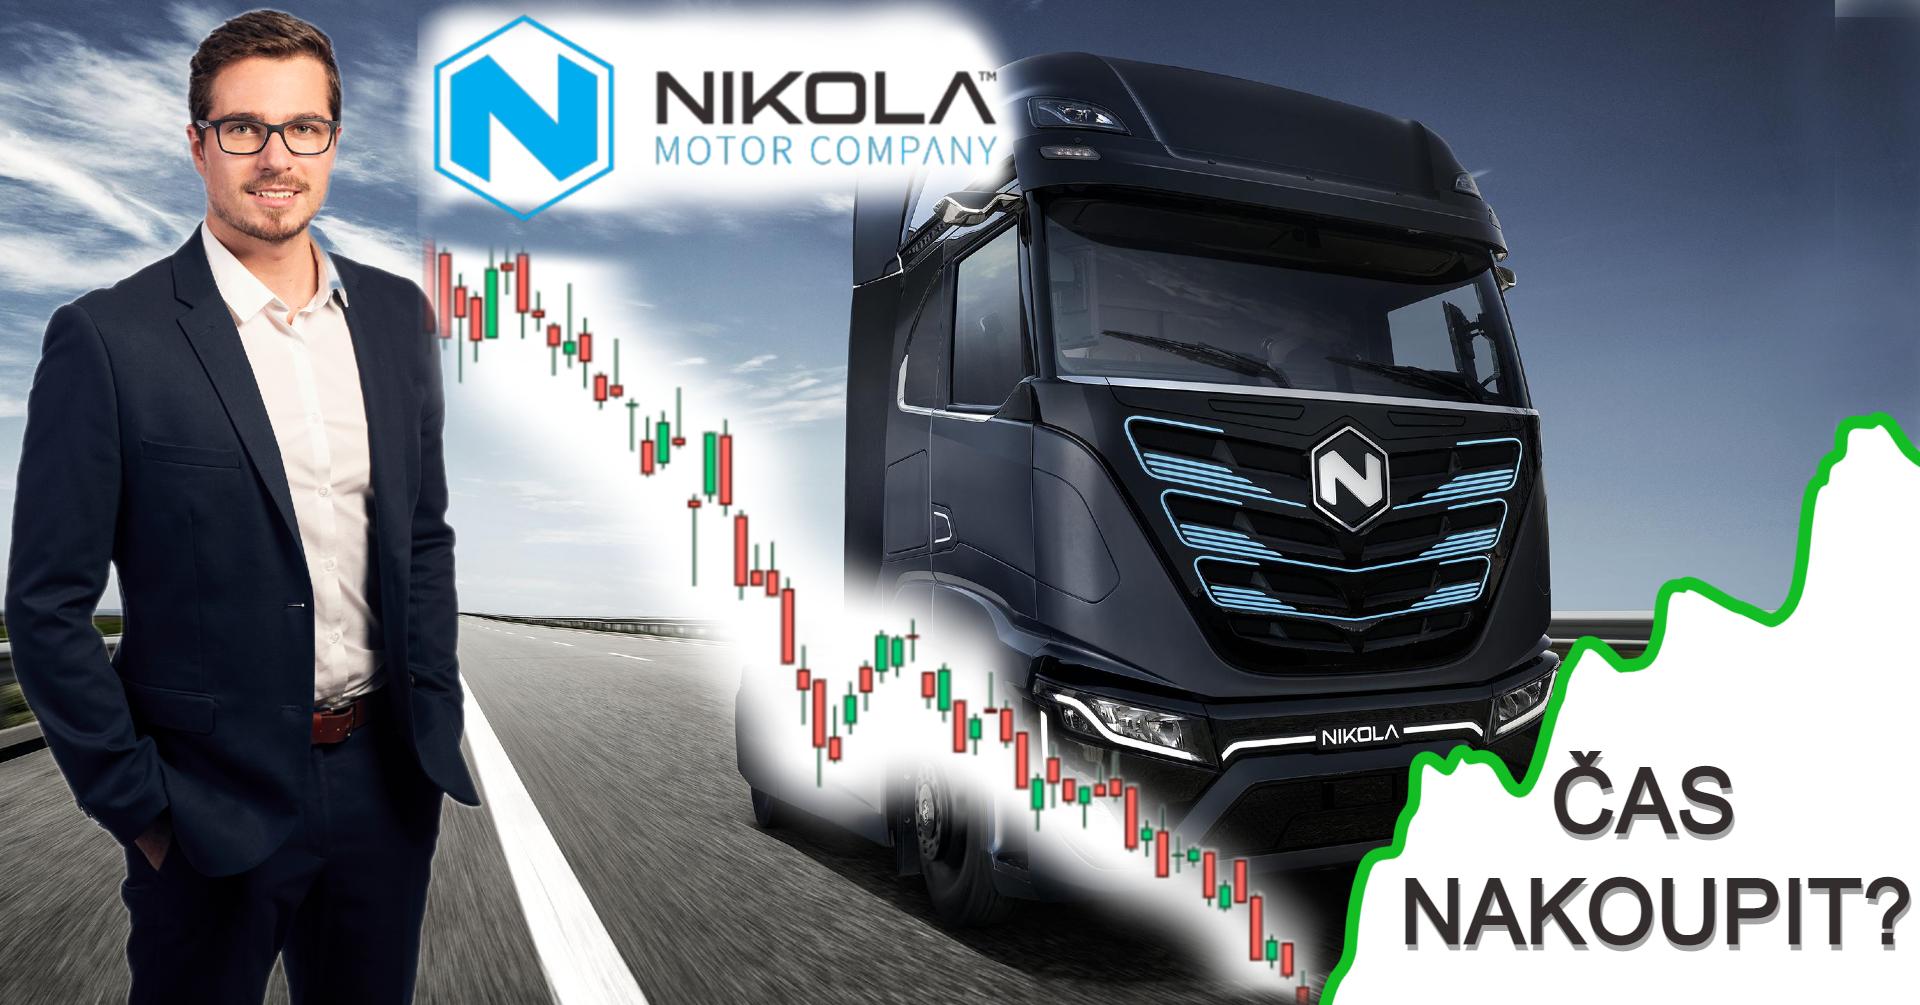 Analýza akcie Nikola